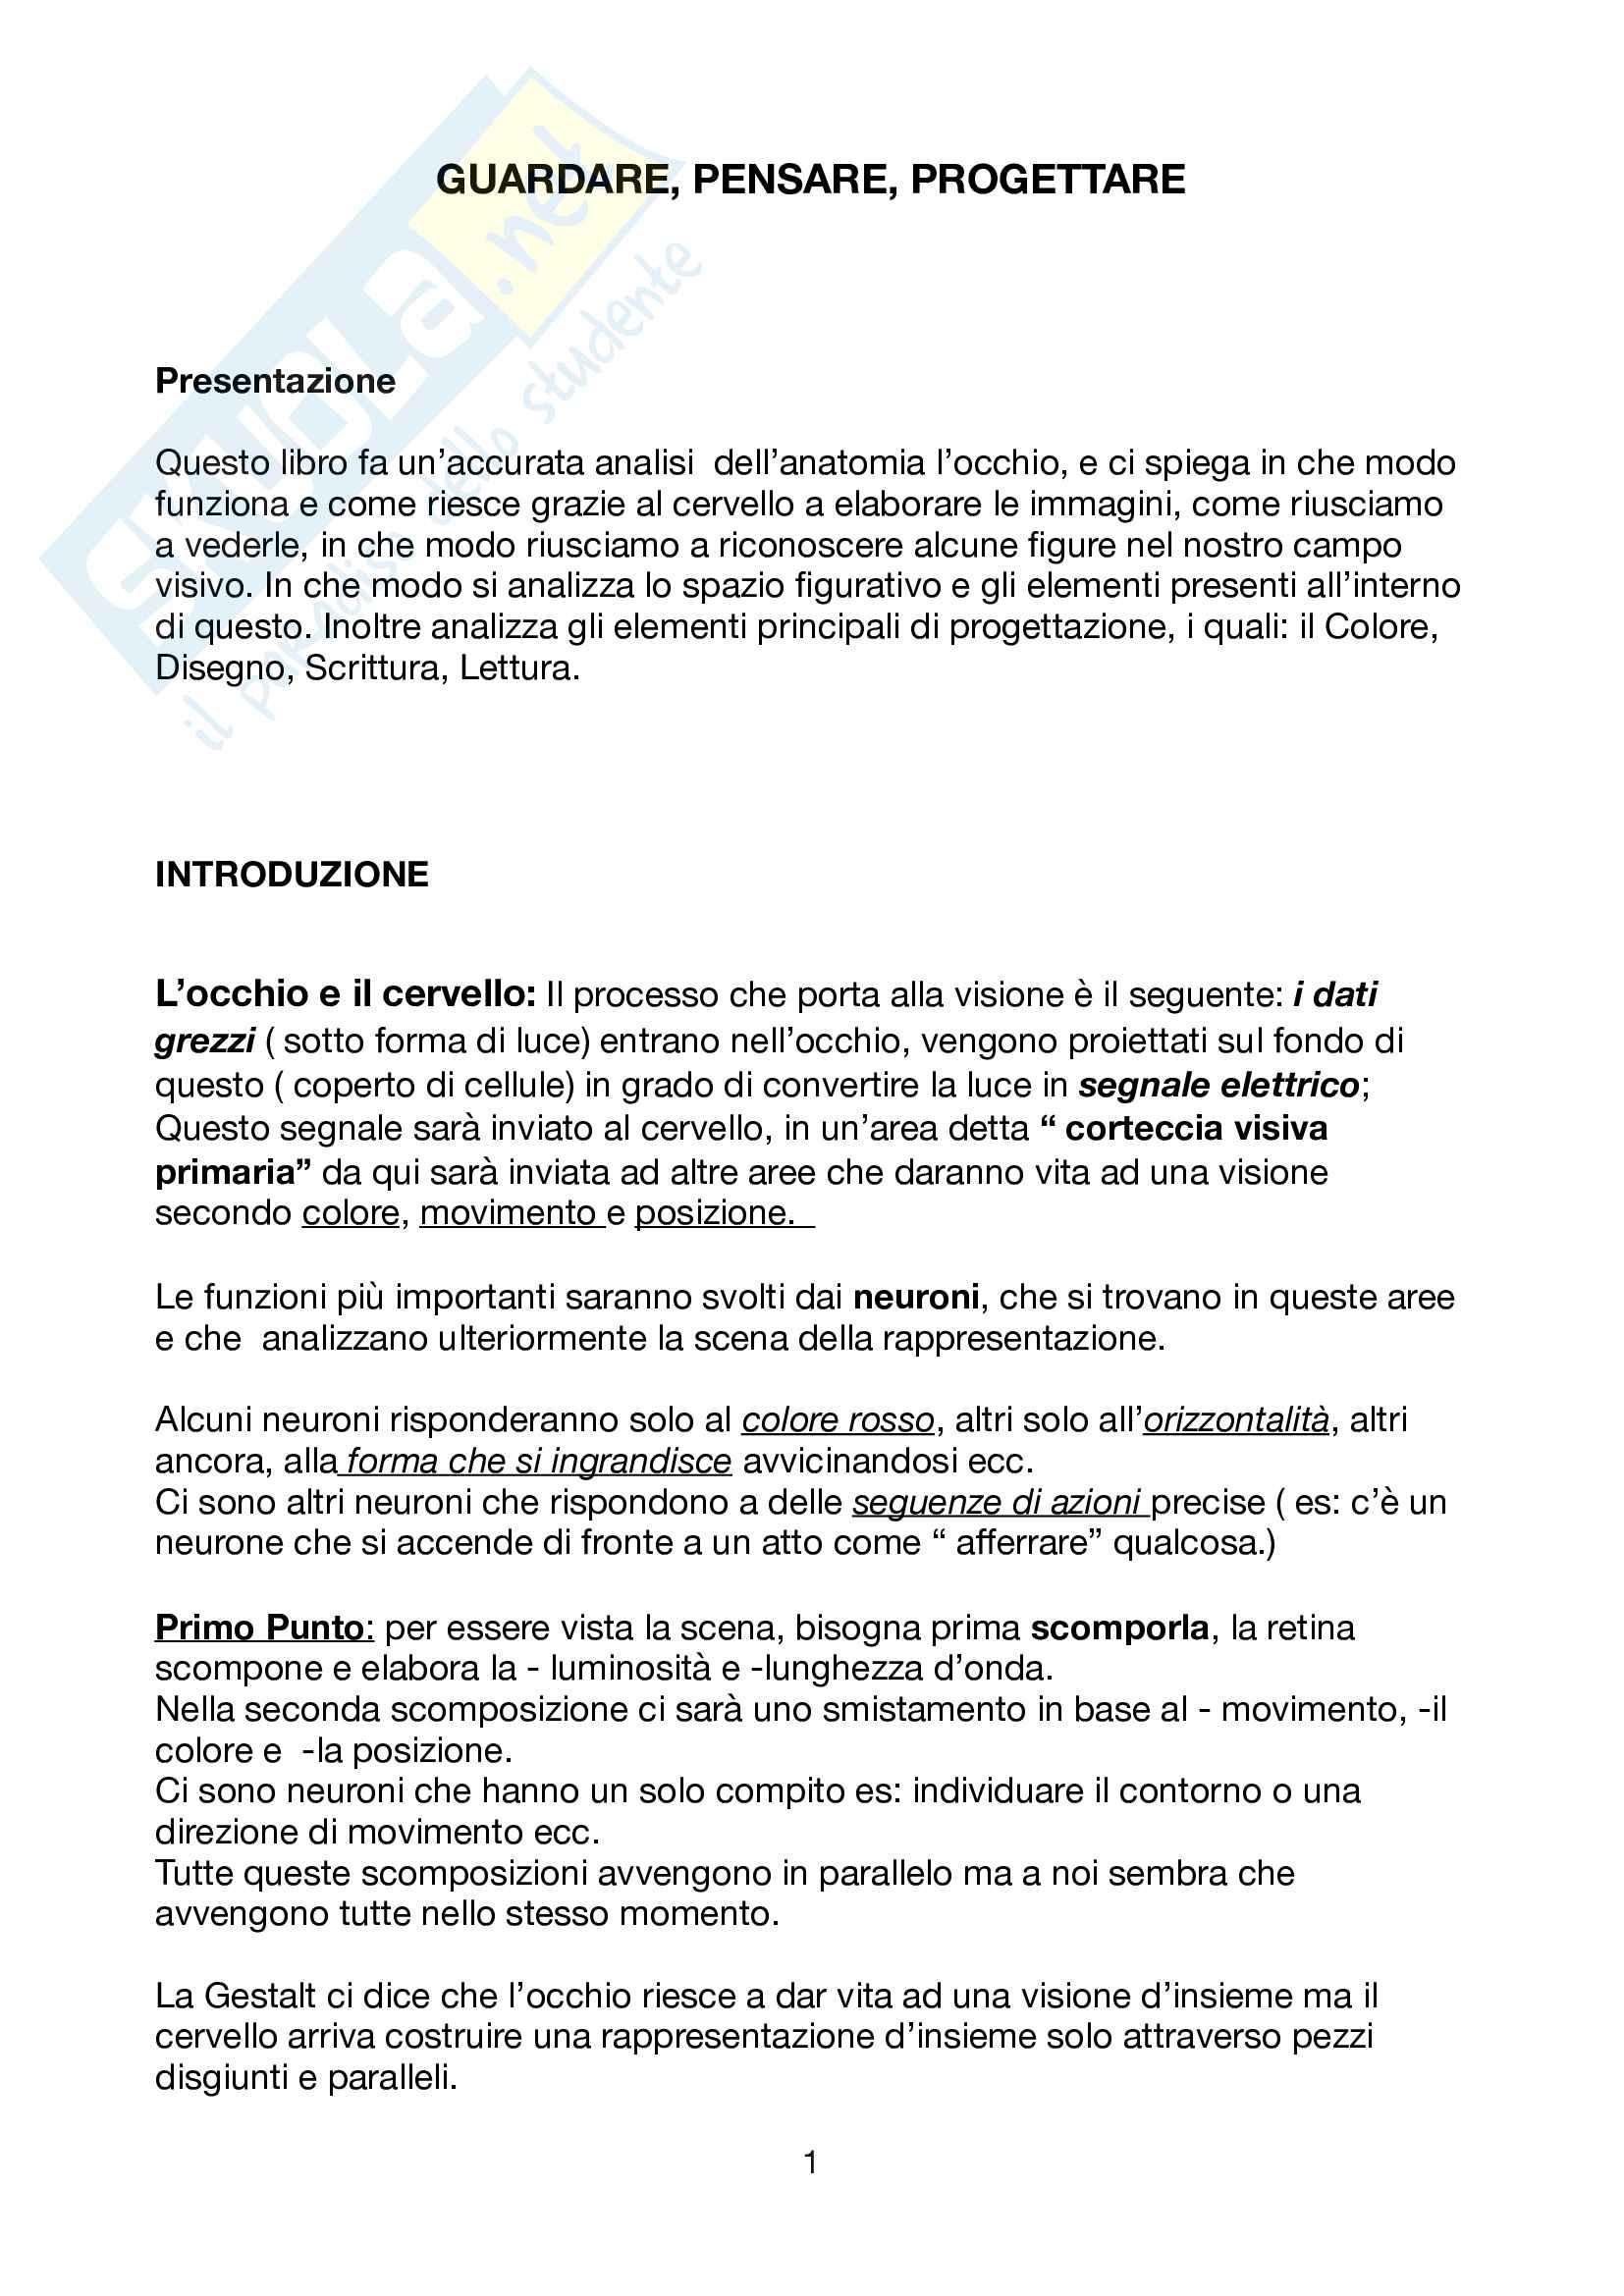 Riassunto esame design, prof.Lo Curzio, libro consigliato Guardare, pensare, progettare, Neuroscienze per il design, Falcinelli